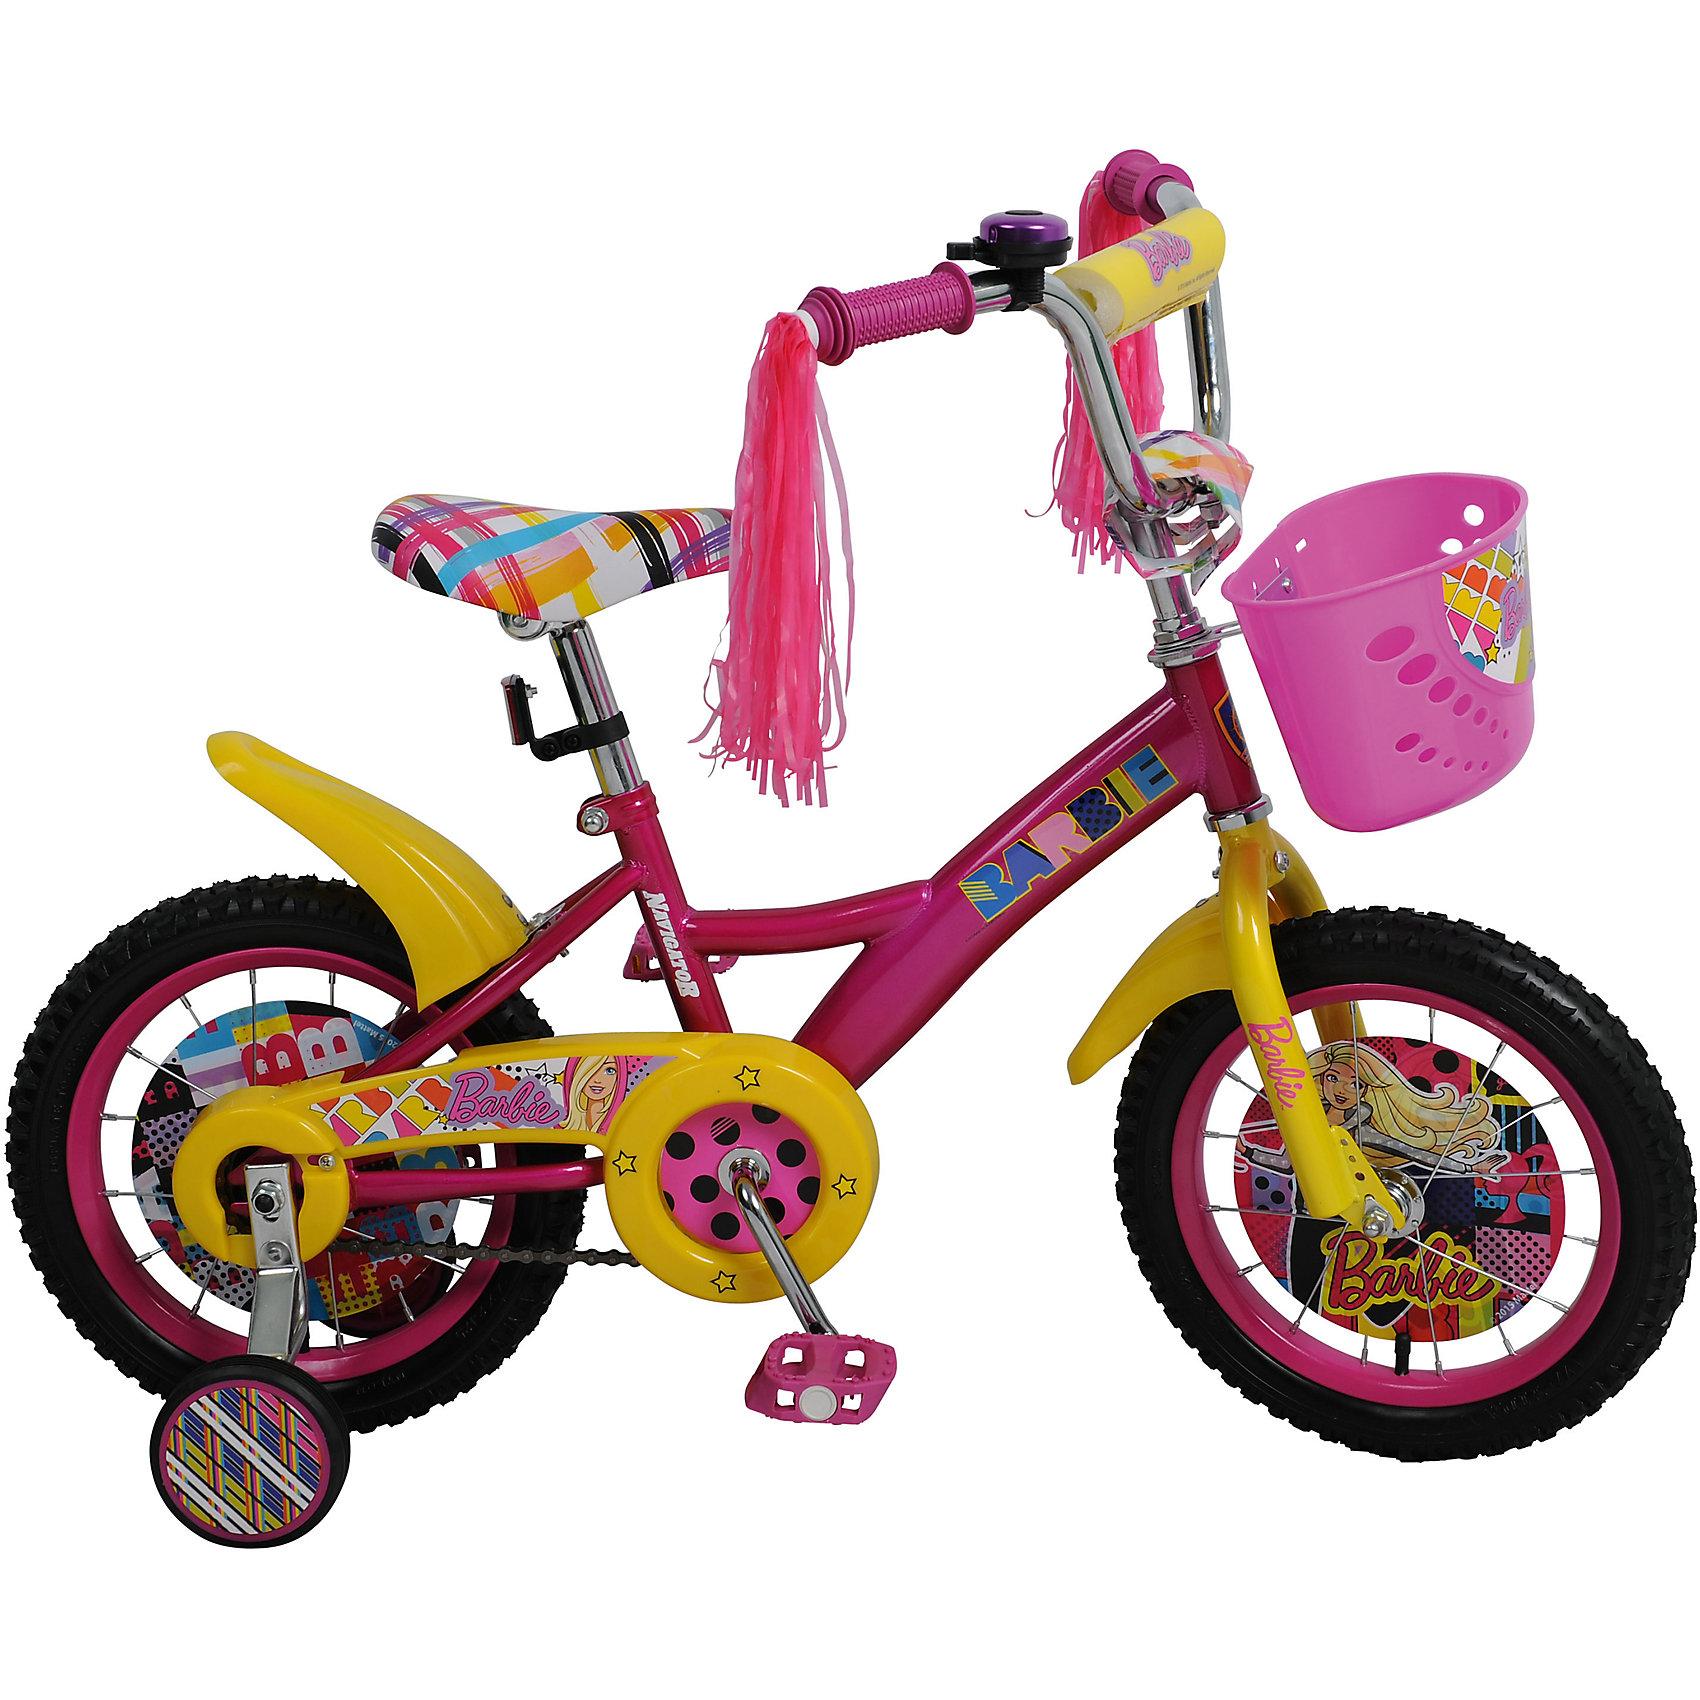 Двухколесный велосипед KITE, Barbie, NavigatorДвухколесный велосипед KITE, Barbie, Navigator (Навигатор)<br><br>Характеристики:<br><br>• съемные, широкие страховочные колеса<br>• руль с мягкой накладкой<br>• звонок<br>• багажник<br>• передняя корзина<br>• цветные вставки с любимыми Барби<br>• регулируемая высота сиденья и руля<br>• односоставной шатун<br>• колеса из прочной резины<br>• диаметр колес: 14 дюймов<br>• ножной задний тормоз<br>• защита цепи<br>• стальная рама<br>• рост ребенка: 95-115 см<br>• материал: металл, пластик, резина<br>• размер упаковки: 17х36х80 см<br>• вес: 10,5 кг<br>• цвет: розовый-желтый<br><br>Велосипед KITE Barbie понравится каждой поклоннице Барби. Рама и сиденье выполнены в стиле любимых кукол, а колеса и руль имеют вставки с изображениями Барби. Велосипед оснащен двумя основными колесами и двумя дополнительными. <br><br>Страховочные колеса можно снять, когда ребенок научится кататься самостоятельно. Высота сидения и руль регулируются по возрасту ребенка.  Руль дополнен звонком и корзинкой, в которой девочка сможет перевозить любимые игрушки.<br><br>Двухколесный велосипед KITE, Barbie, Navigator (Навигатор) вы можете купить в нашем интернет-магазине.<br><br>Ширина мм: 800<br>Глубина мм: 360<br>Высота мм: 170<br>Вес г: 10500<br>Возраст от месяцев: 48<br>Возраст до месяцев: 2147483647<br>Пол: Унисекс<br>Возраст: Детский<br>SKU: 5440875